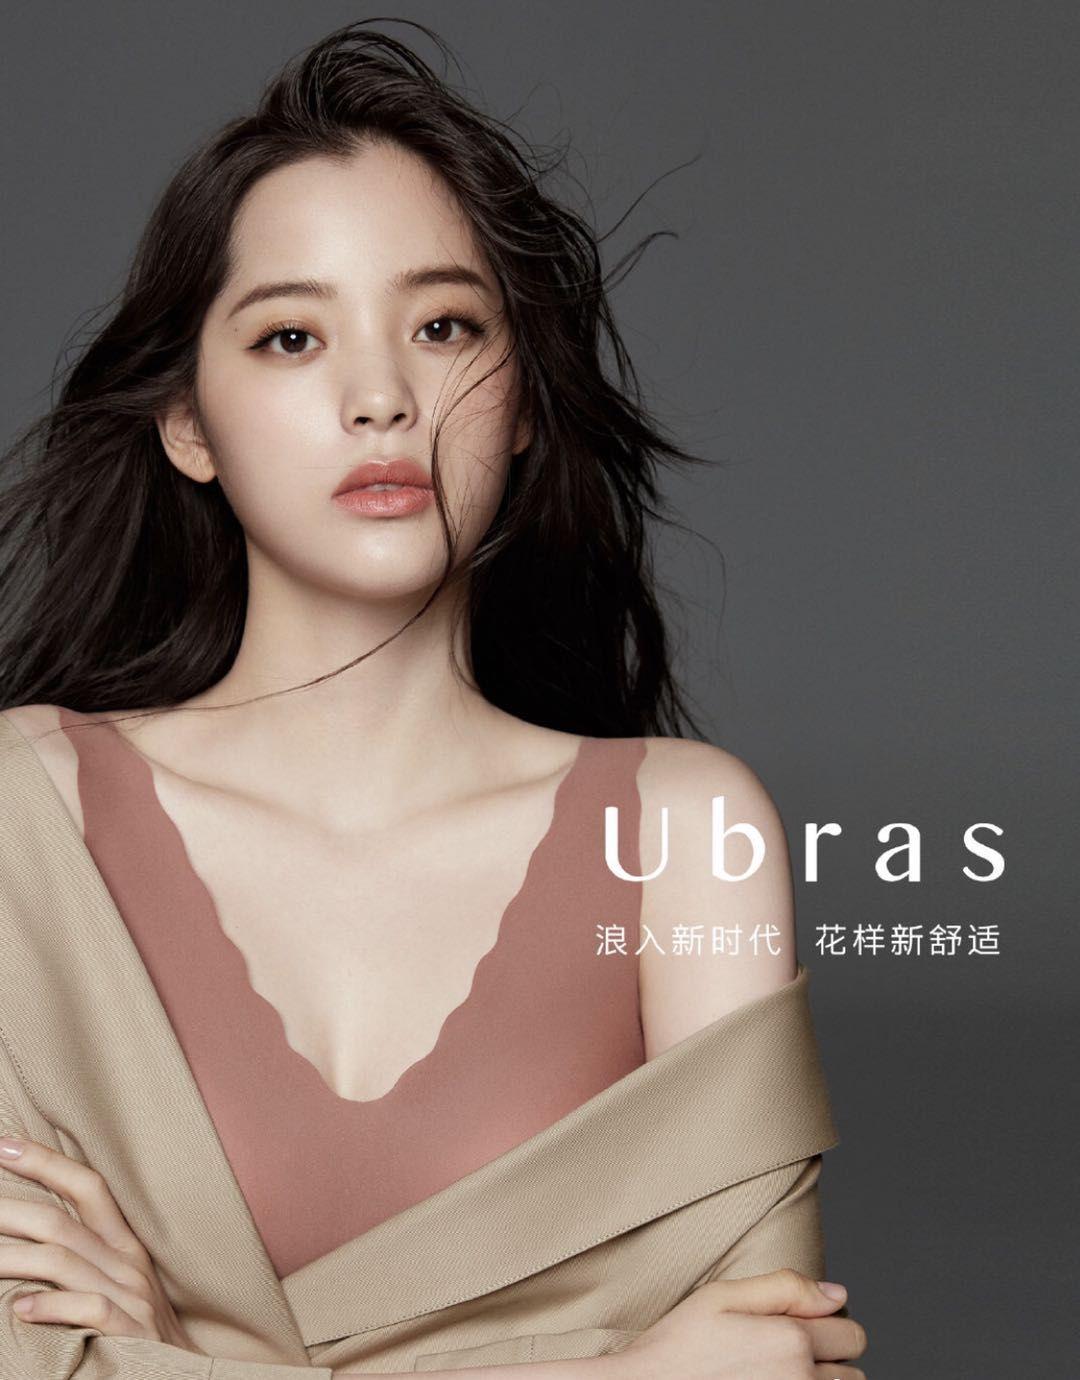 欧阳娜娜代言国产内衣品牌Ubras完成数亿元B+轮融资-第1张图片-IT新视野